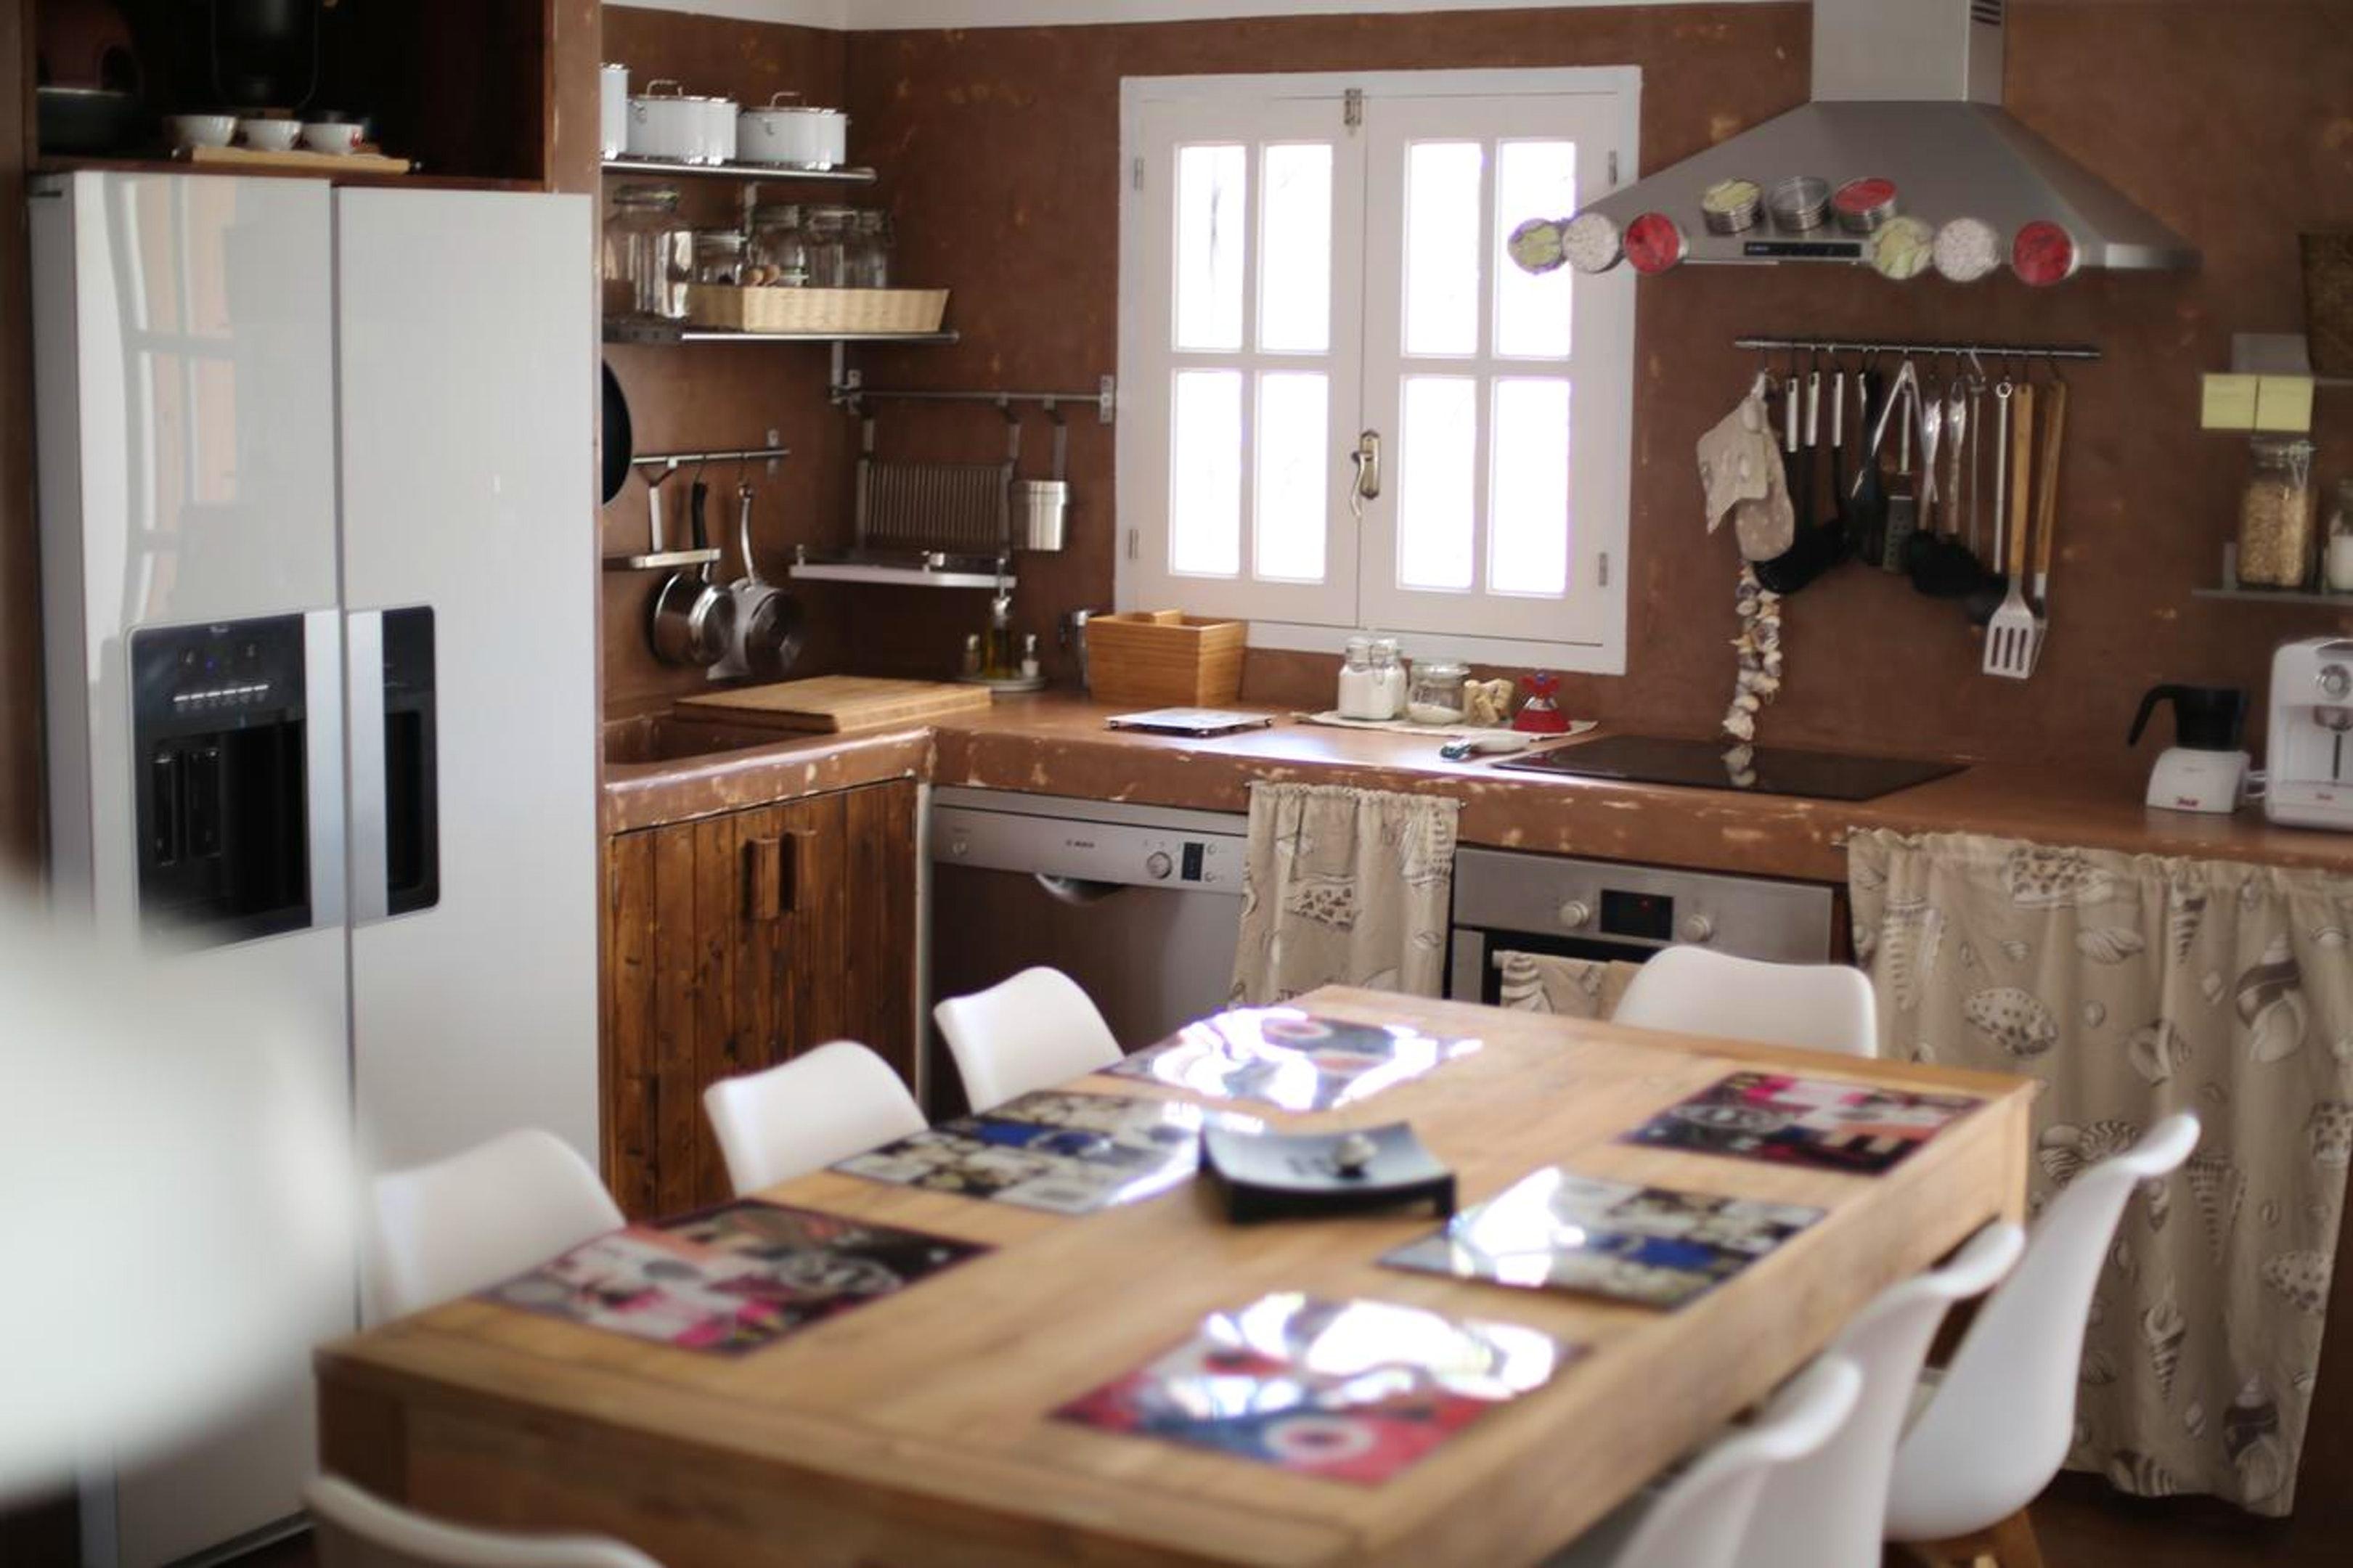 Maison de vacances Haus mit 4 Schlafzimmern in Sant Francesc Xavier mit Terrasse und W-LAN (2700592), San Francisco Javier, Formentera, Iles Baléares, Espagne, image 3